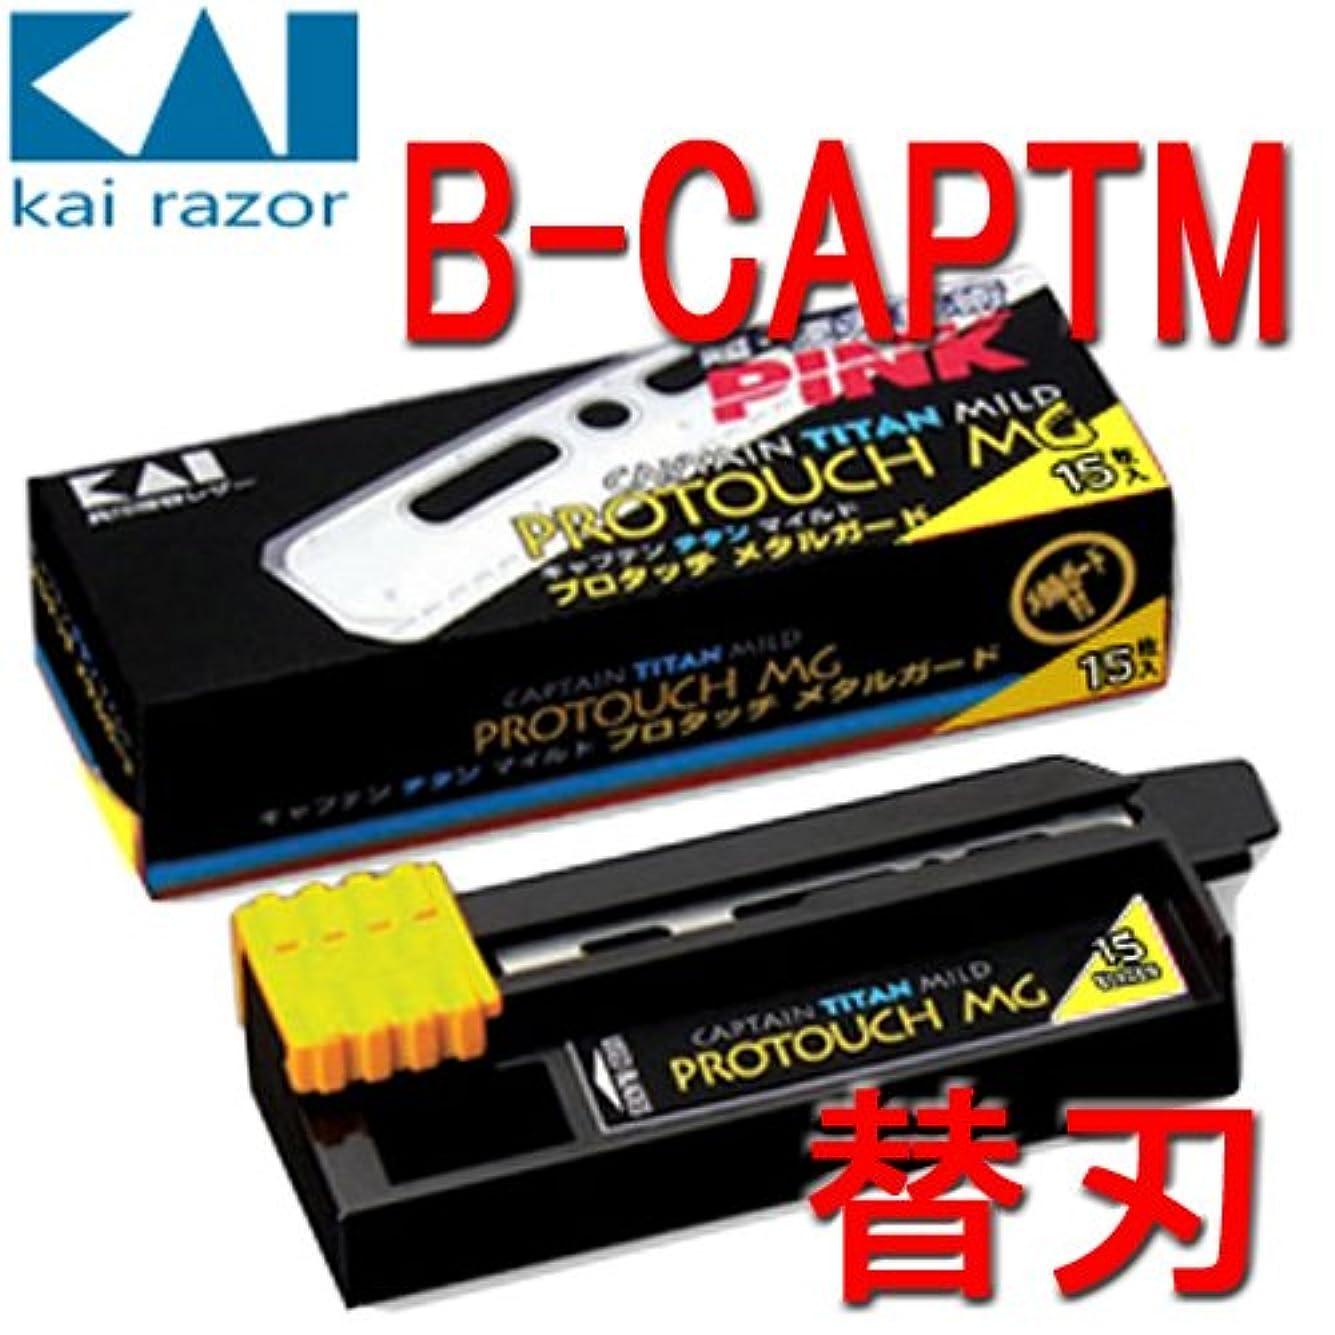 空洞要求ブート【貝印カミソリ】 業務用 キャプテン-チタン-メタルガード15 (B-CAPTM)